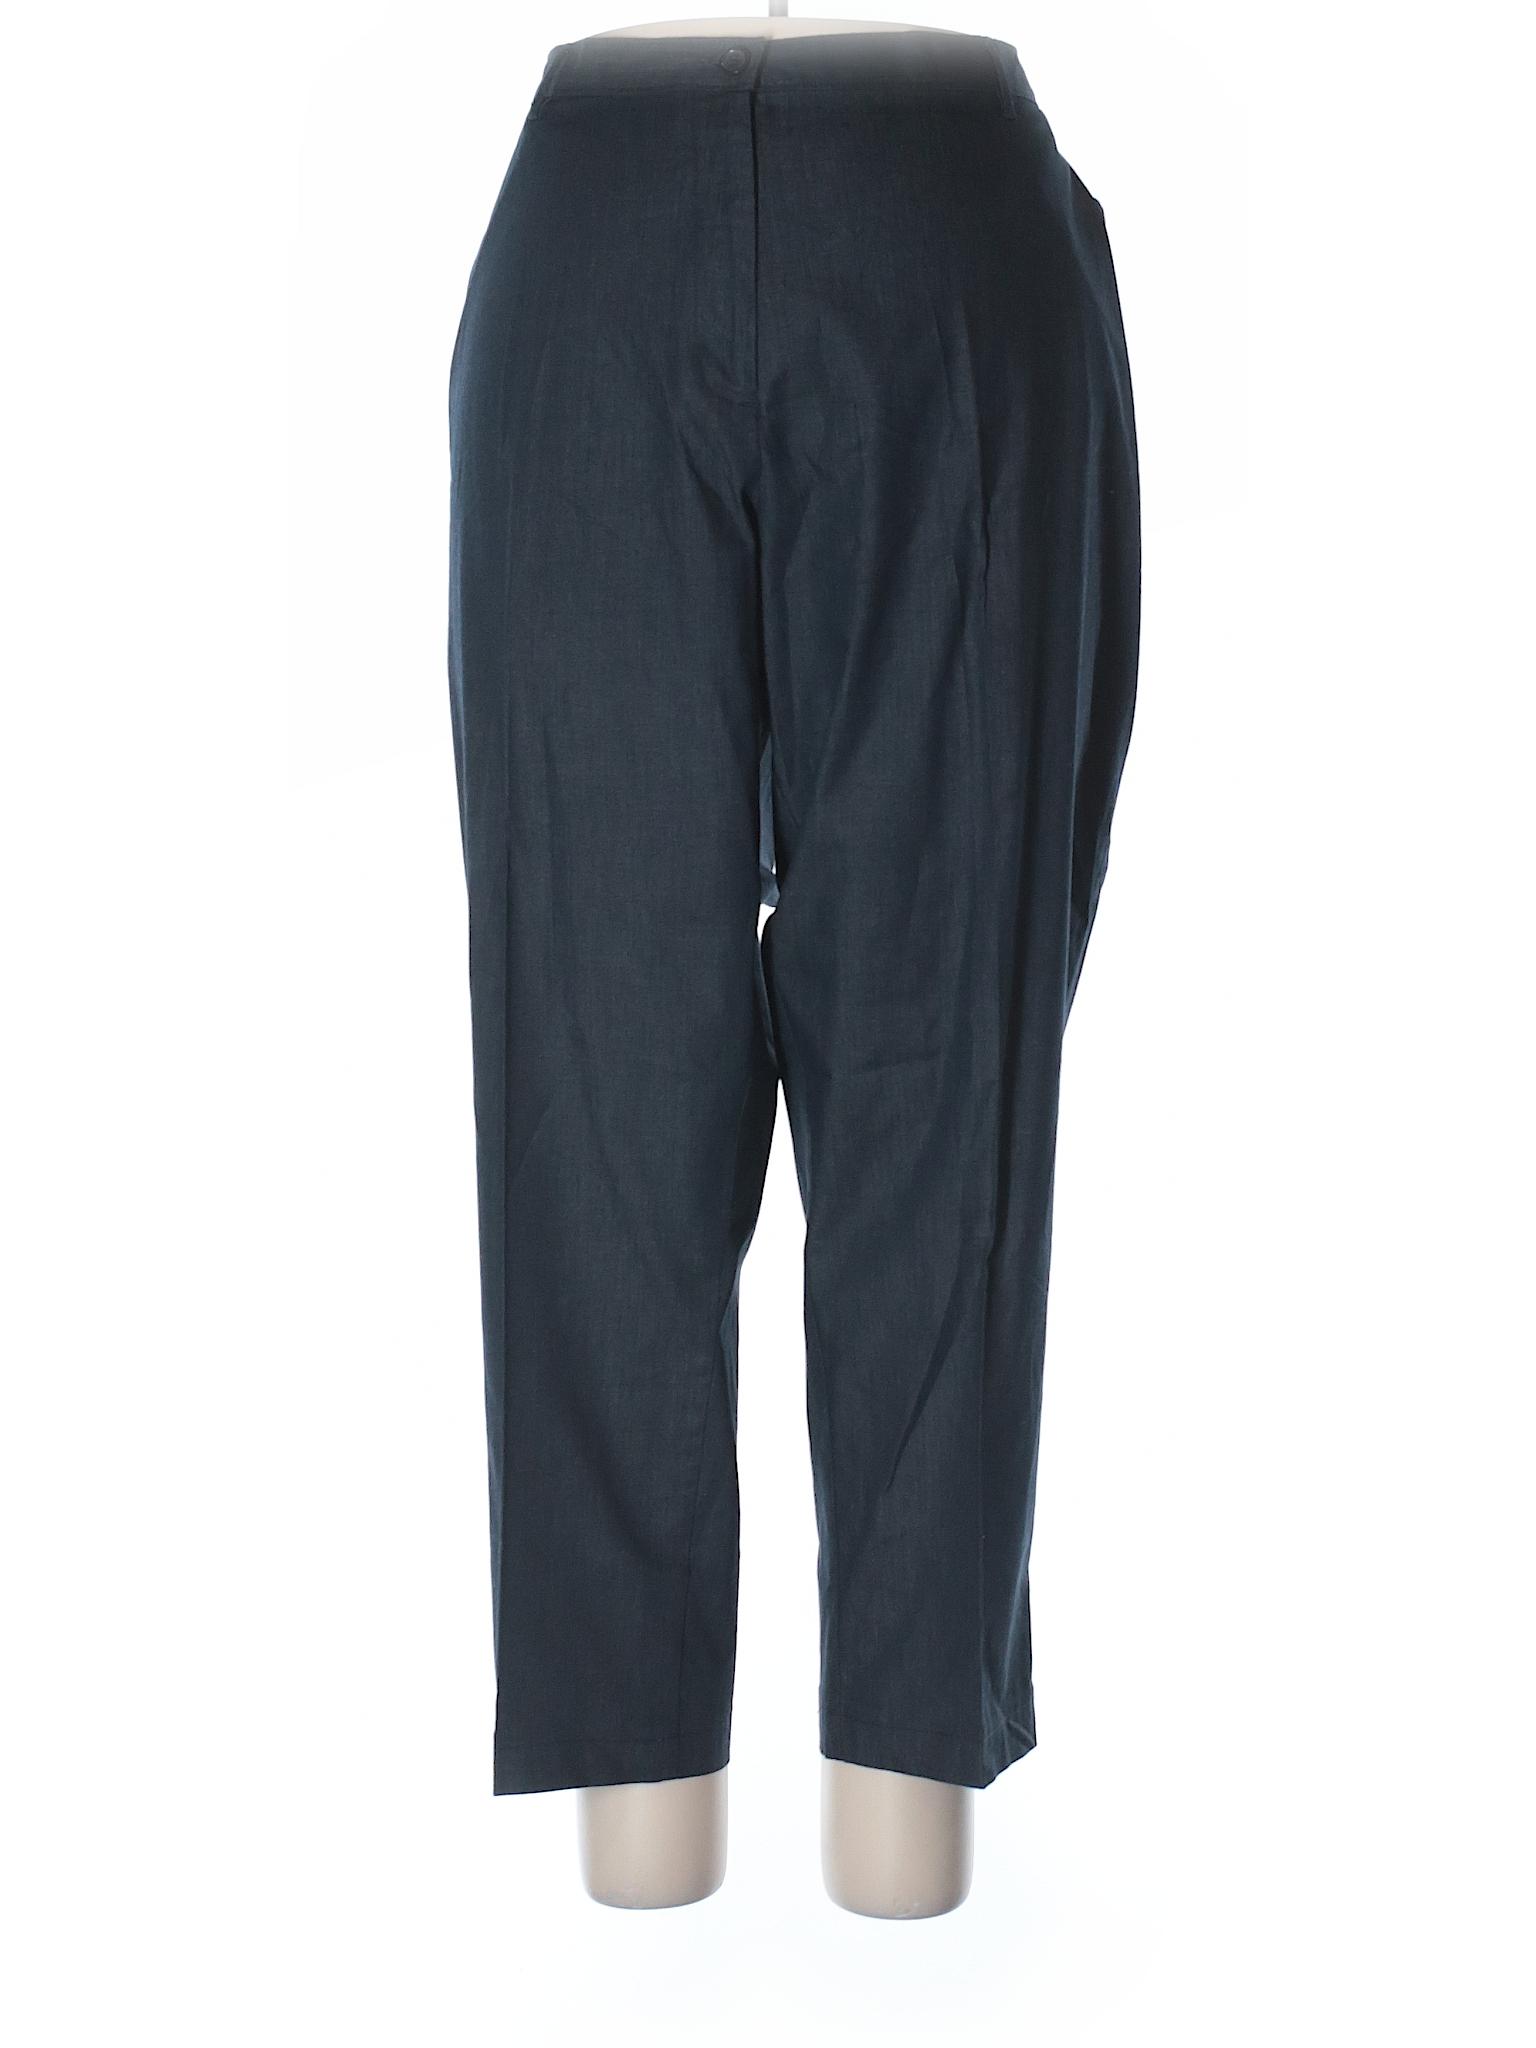 Lands' End leisure Boutique Pants Dress qSF6Cwnxf